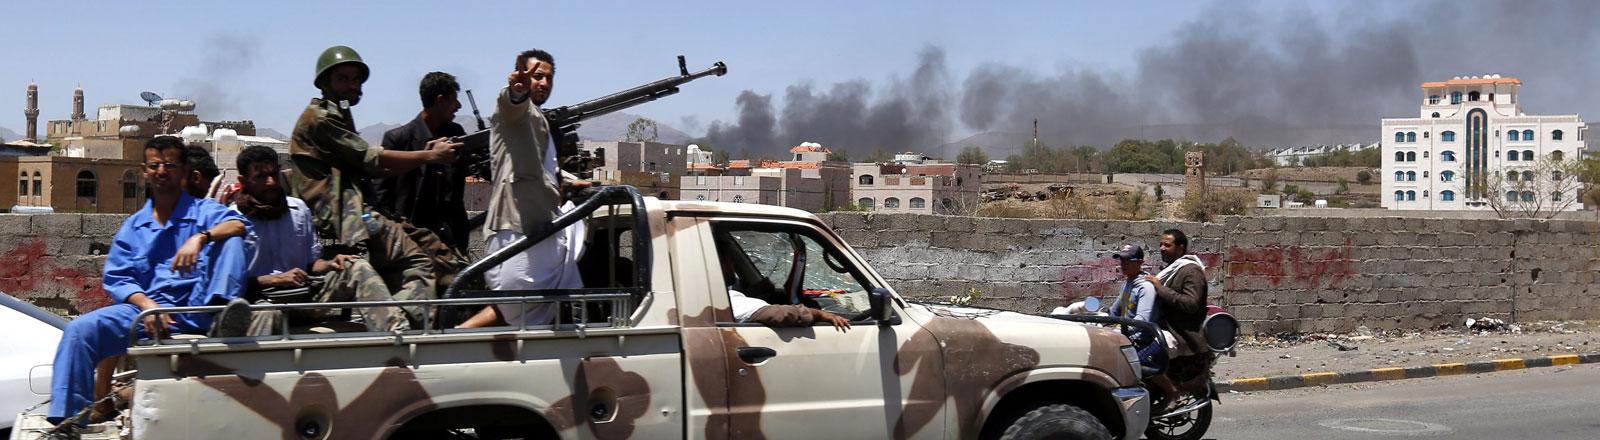 Im Jemen herrscht derzeit Waffenruhe, aber der Konflikt konnte noch nicht gelöst werden.